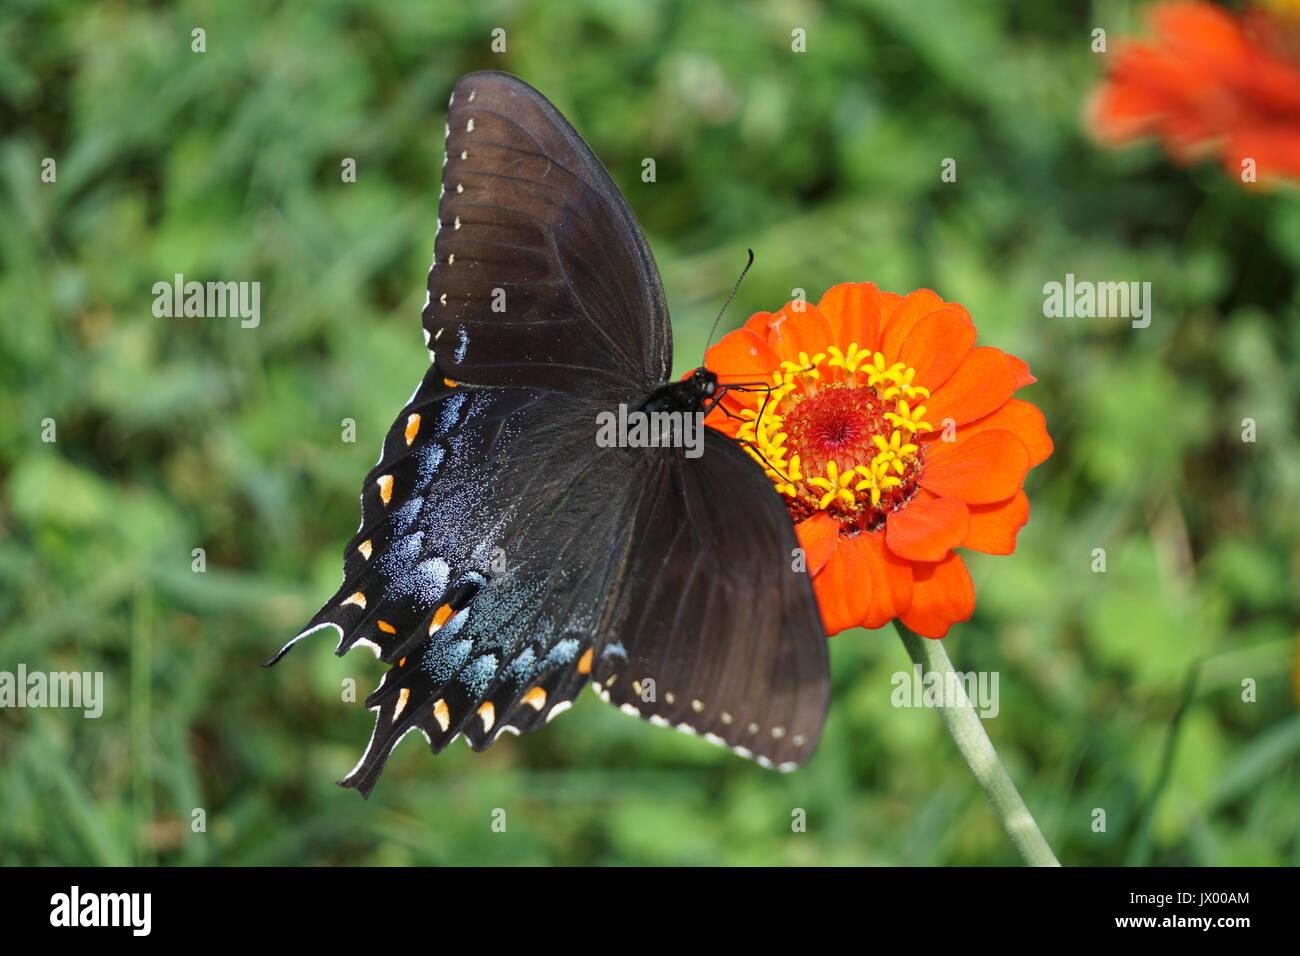 Nero a farfalla a coda di rondine Immagini Stock